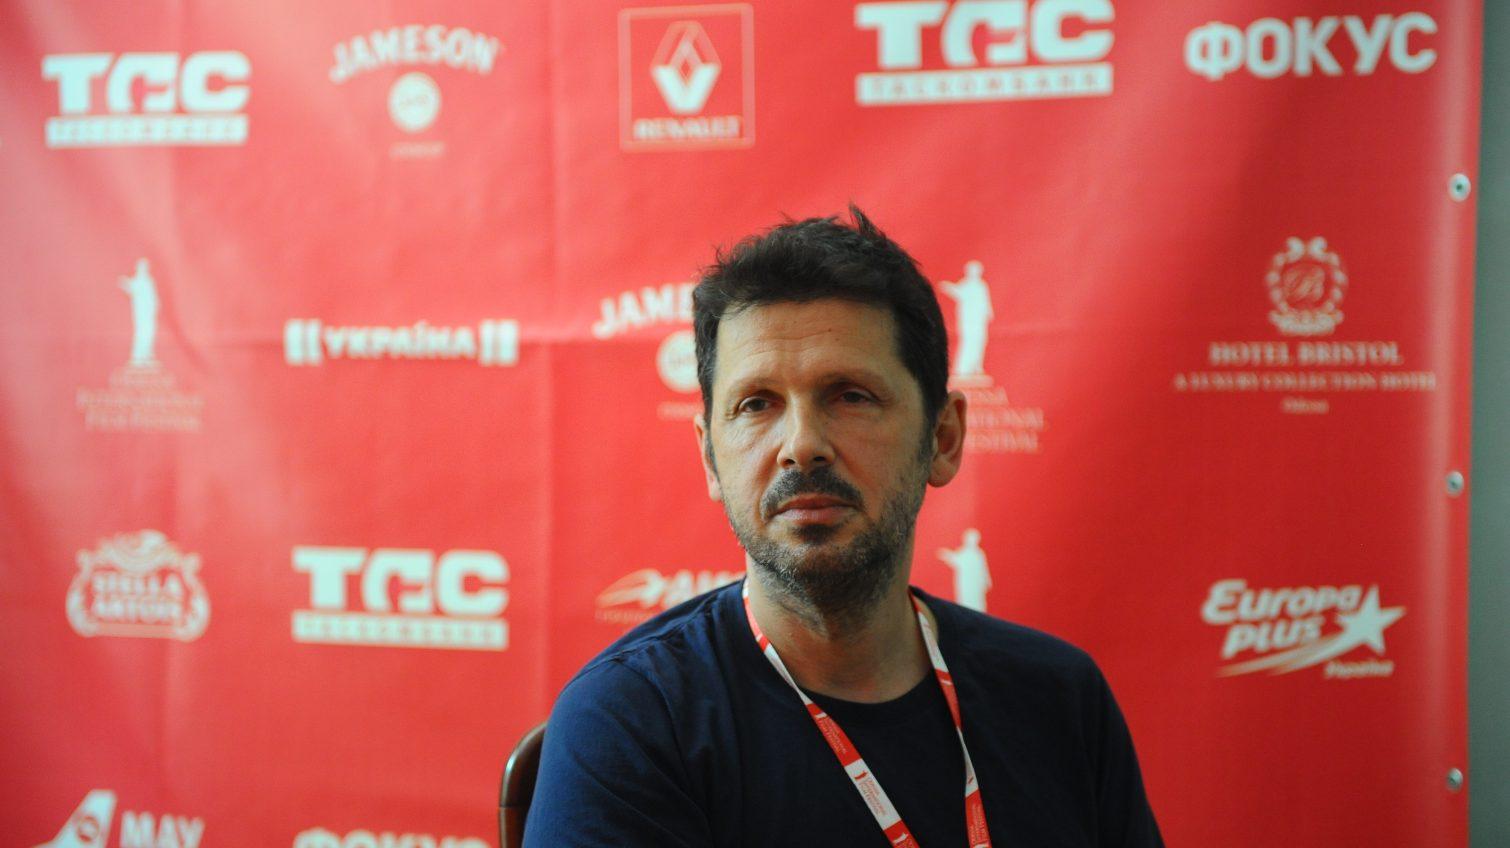 Одесский международный кинофестиваль пригласил на прямой эфир британского режиссера «фото»